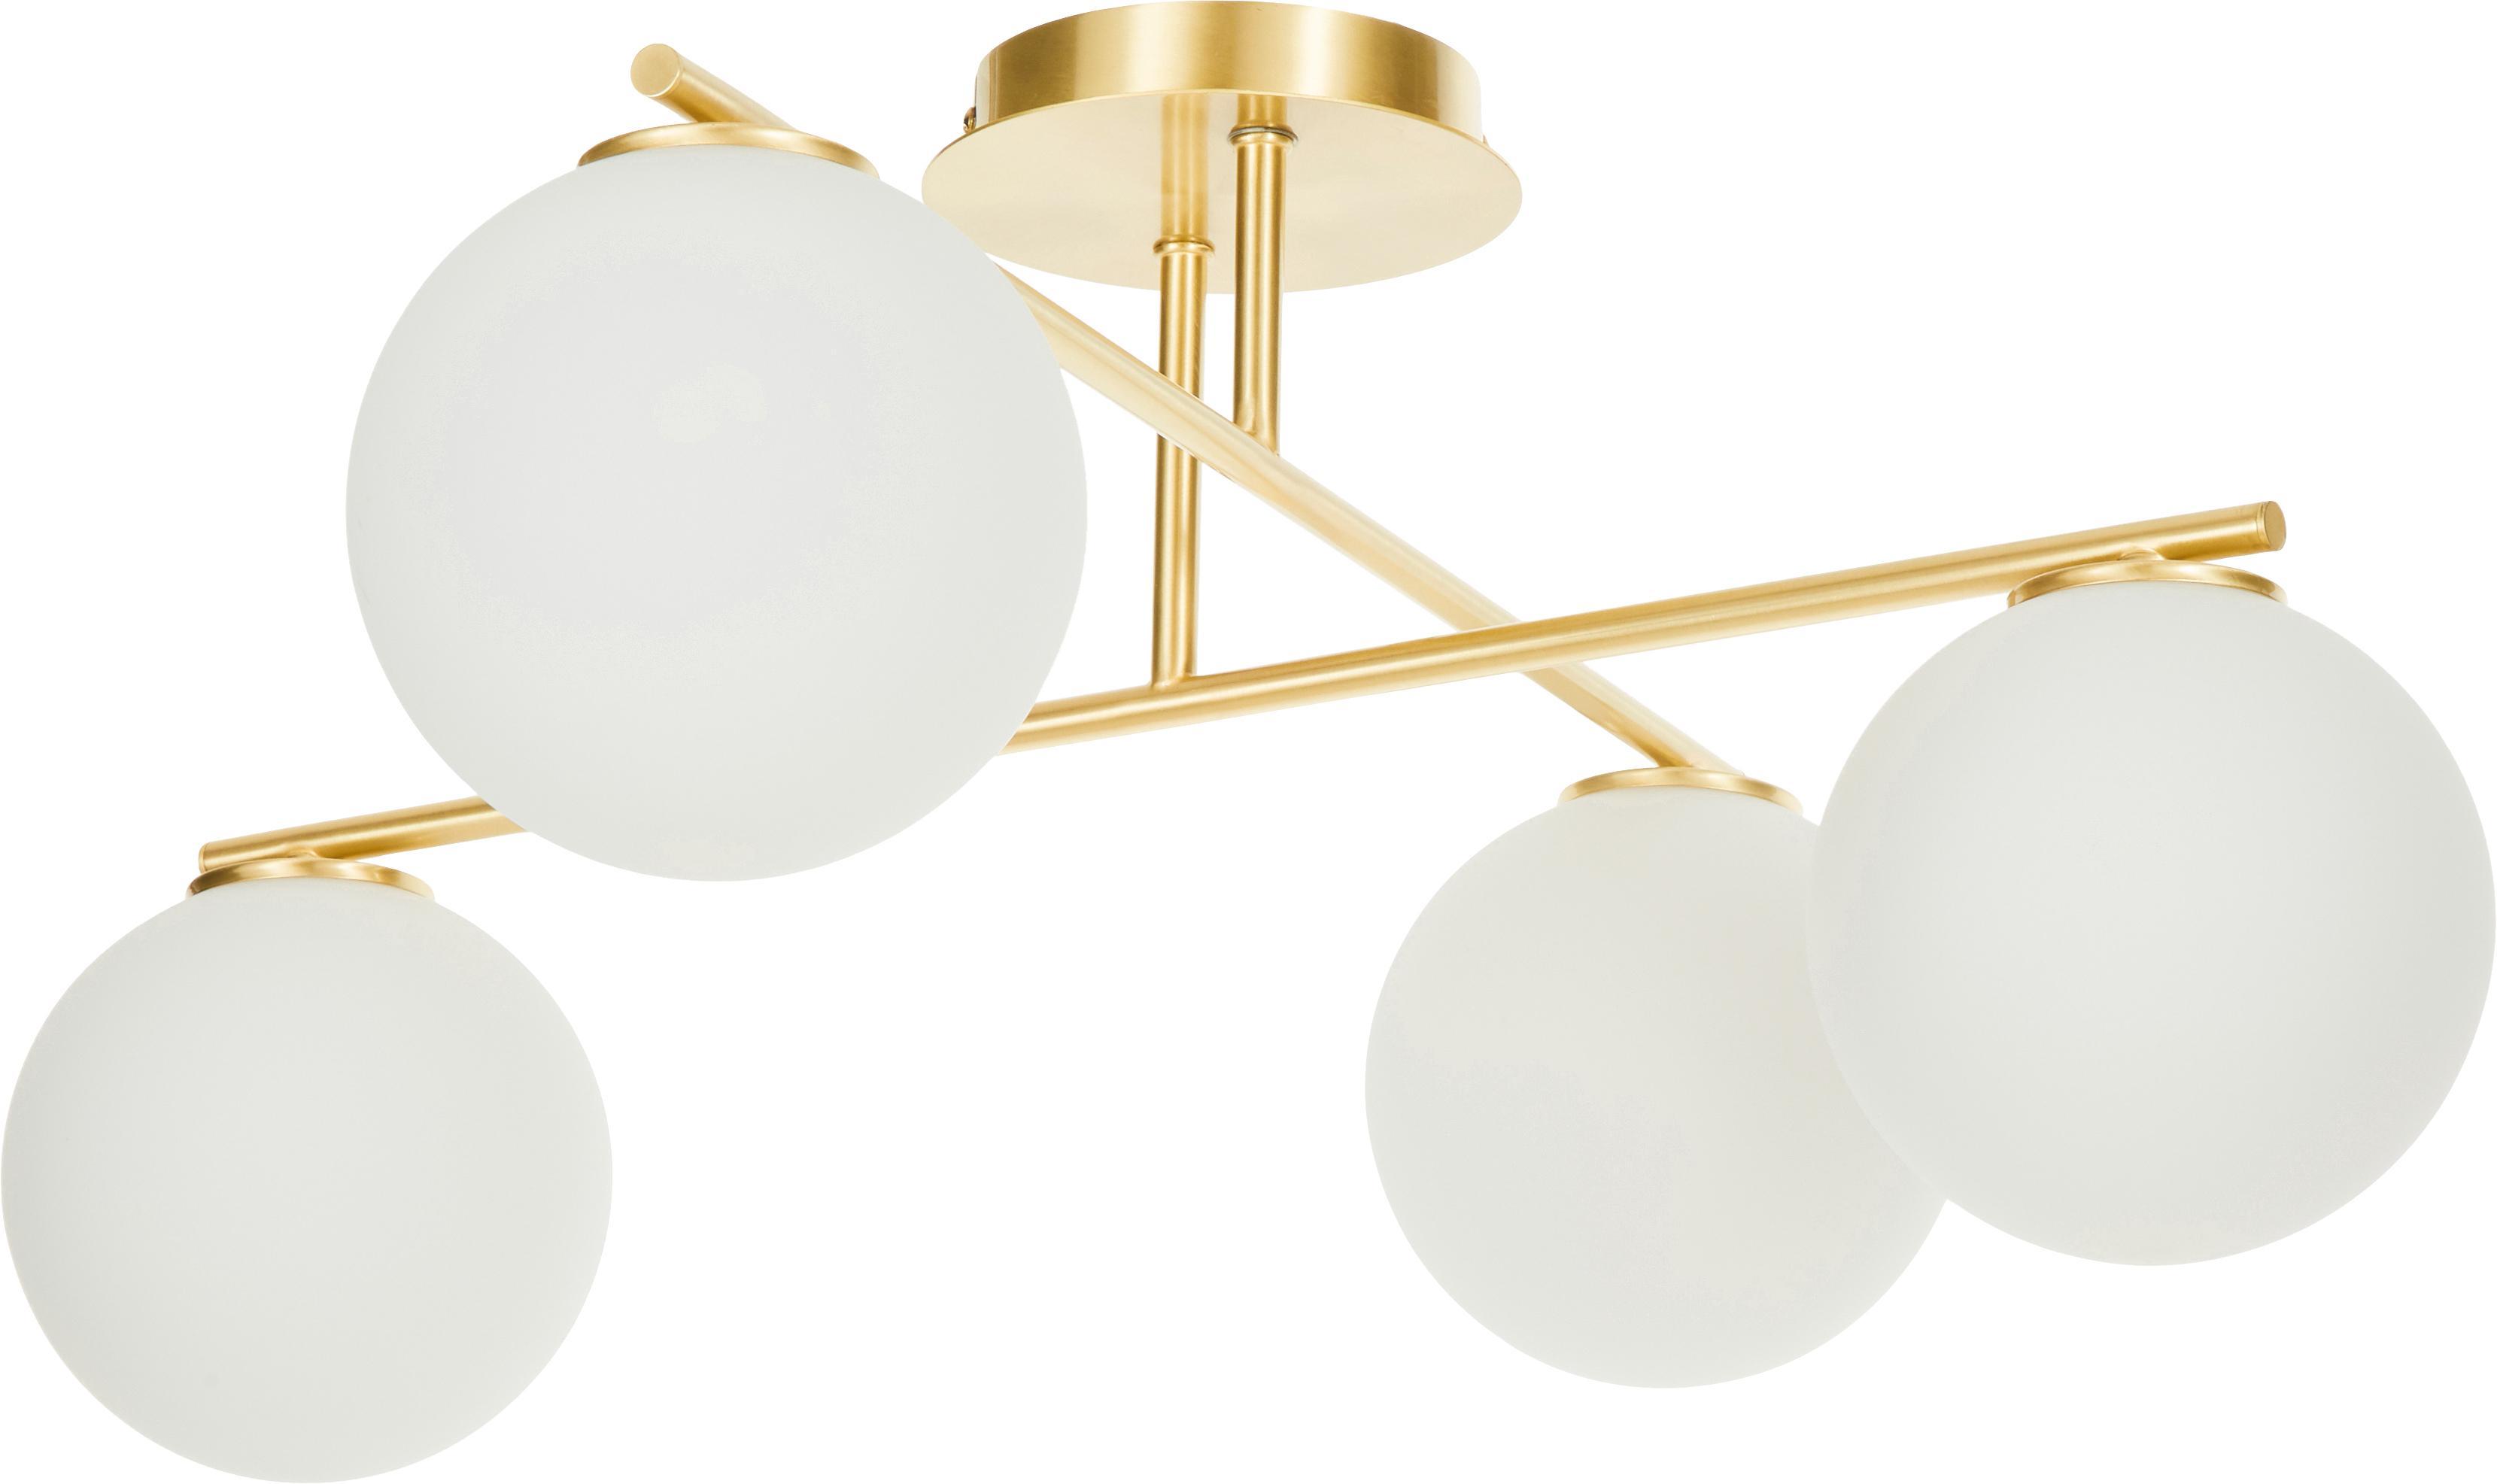 Lámpara de techo Atlanta, ajustable, Anclaje: metal latón, Blanco, latón, An 65 x Al 30 cm